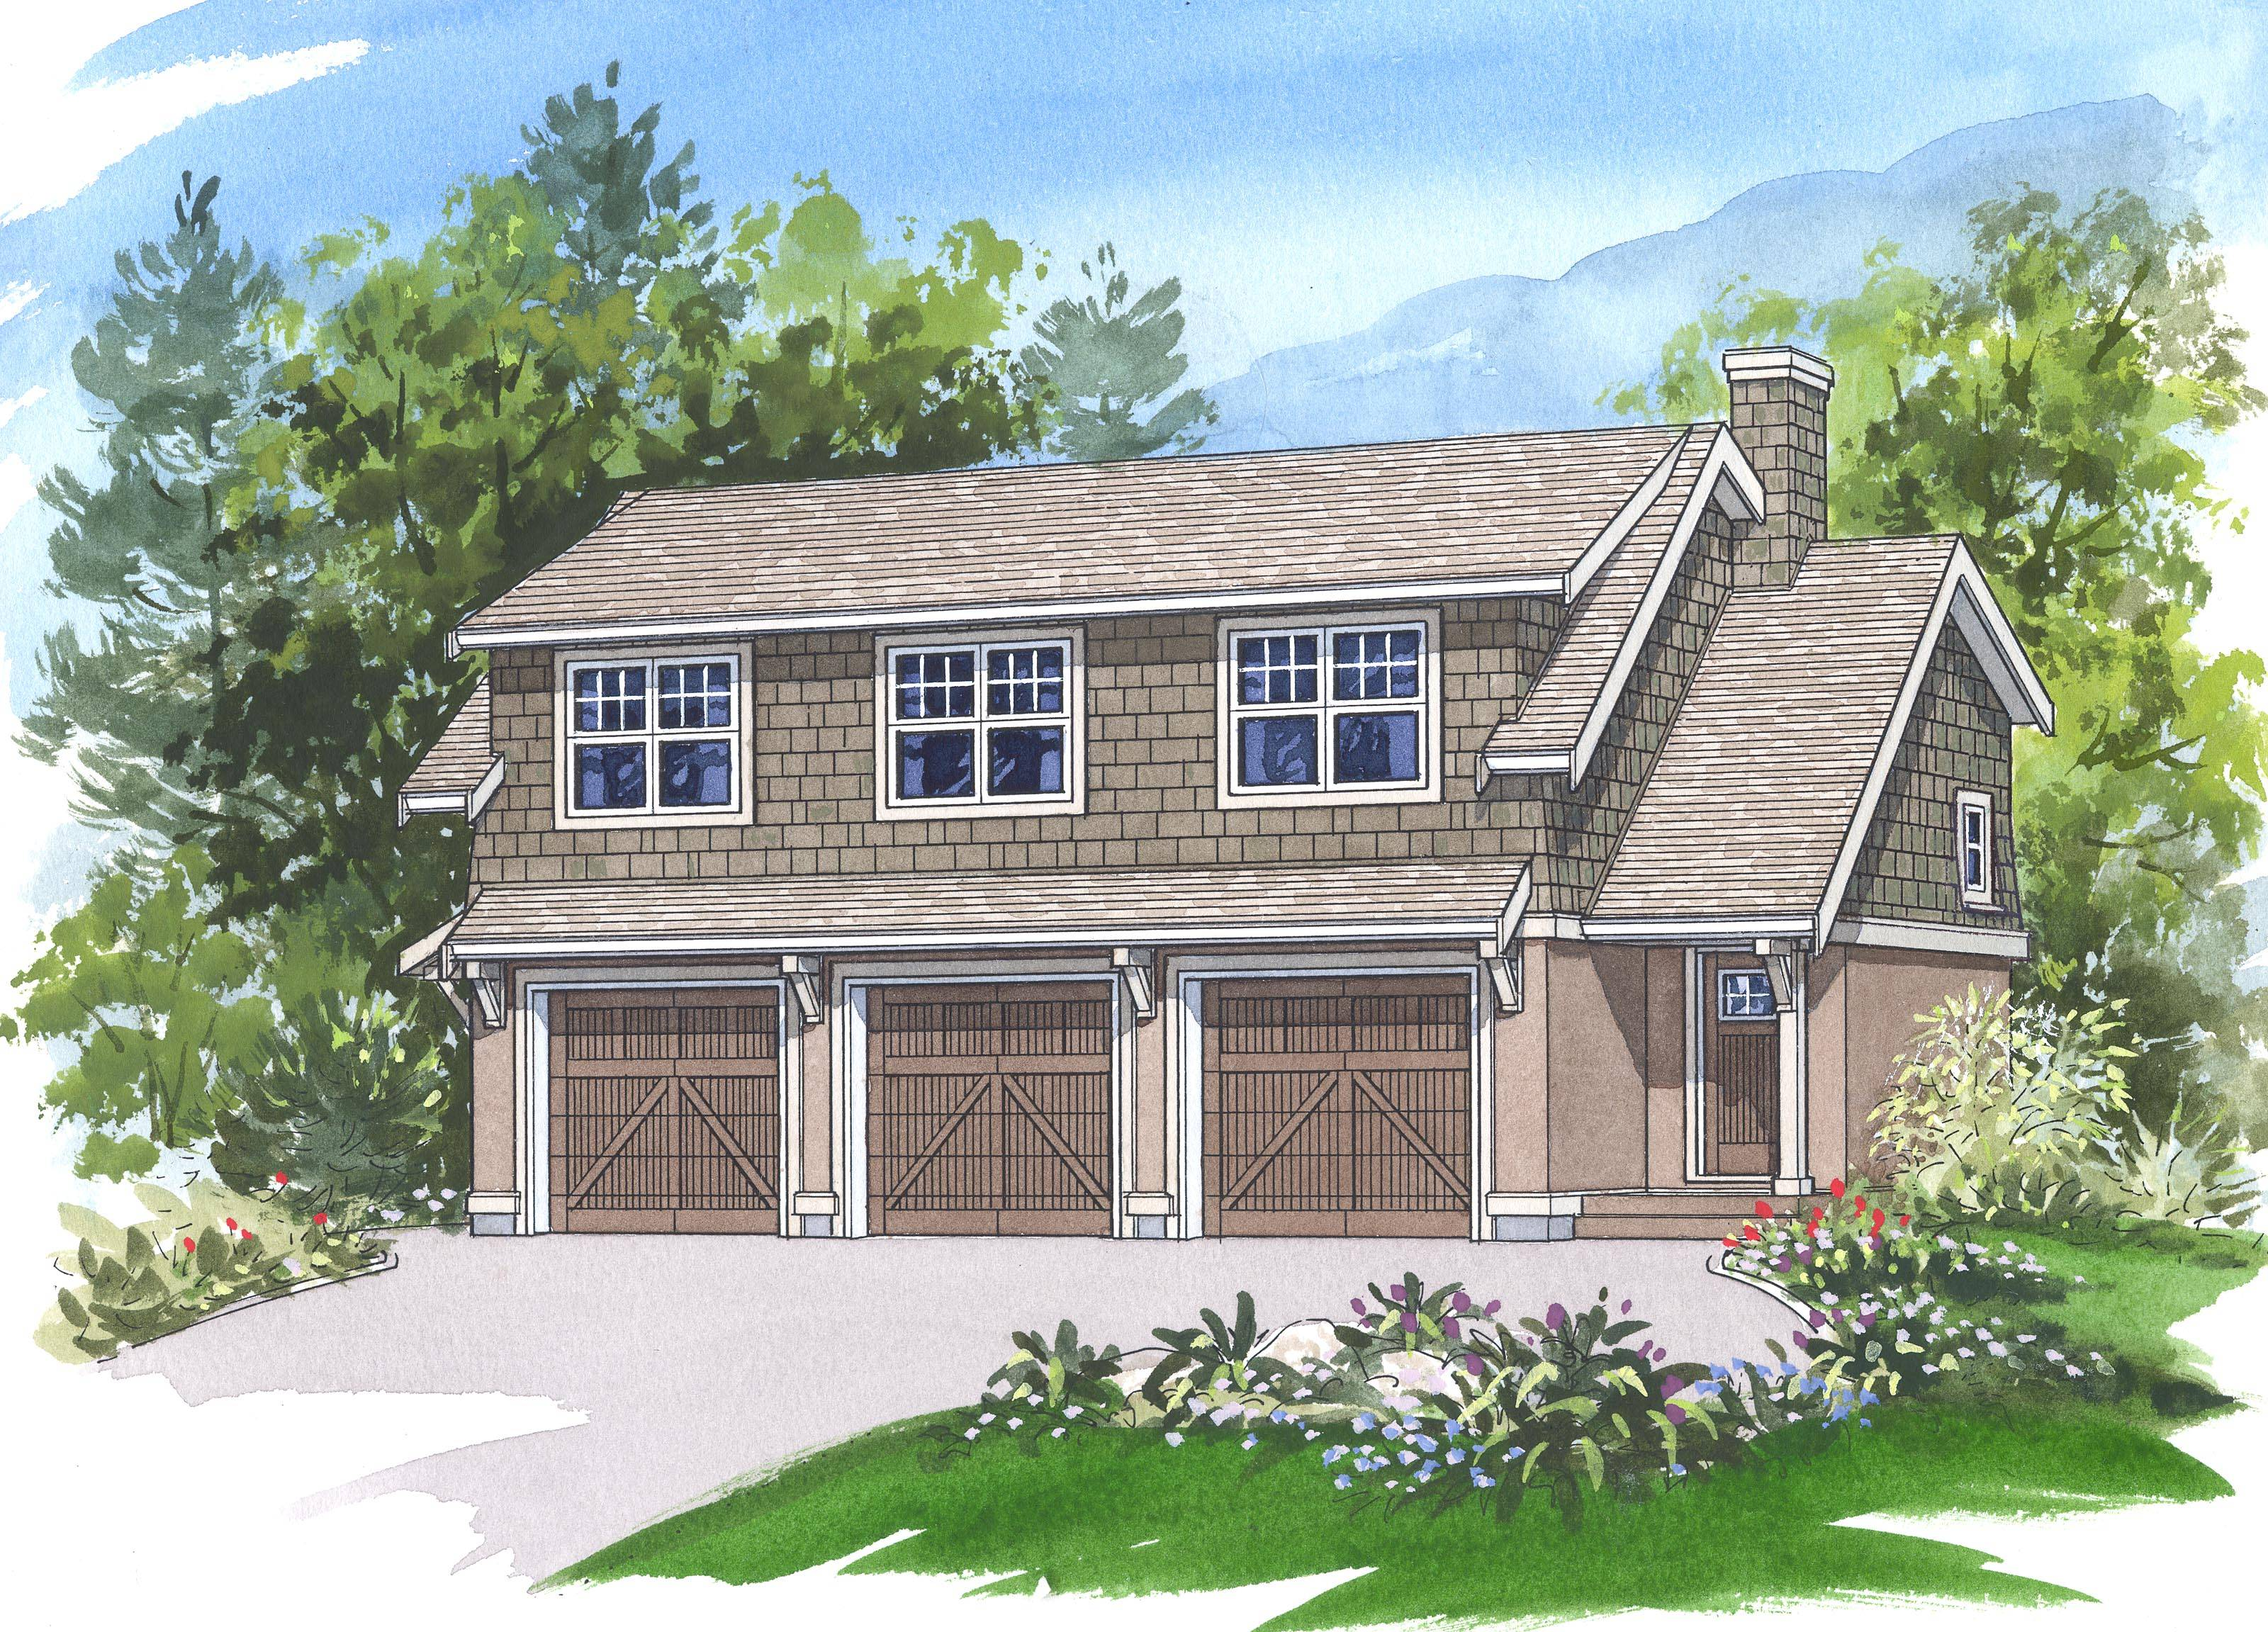 Plans Jenish - Home Building Plans #40062 - ^